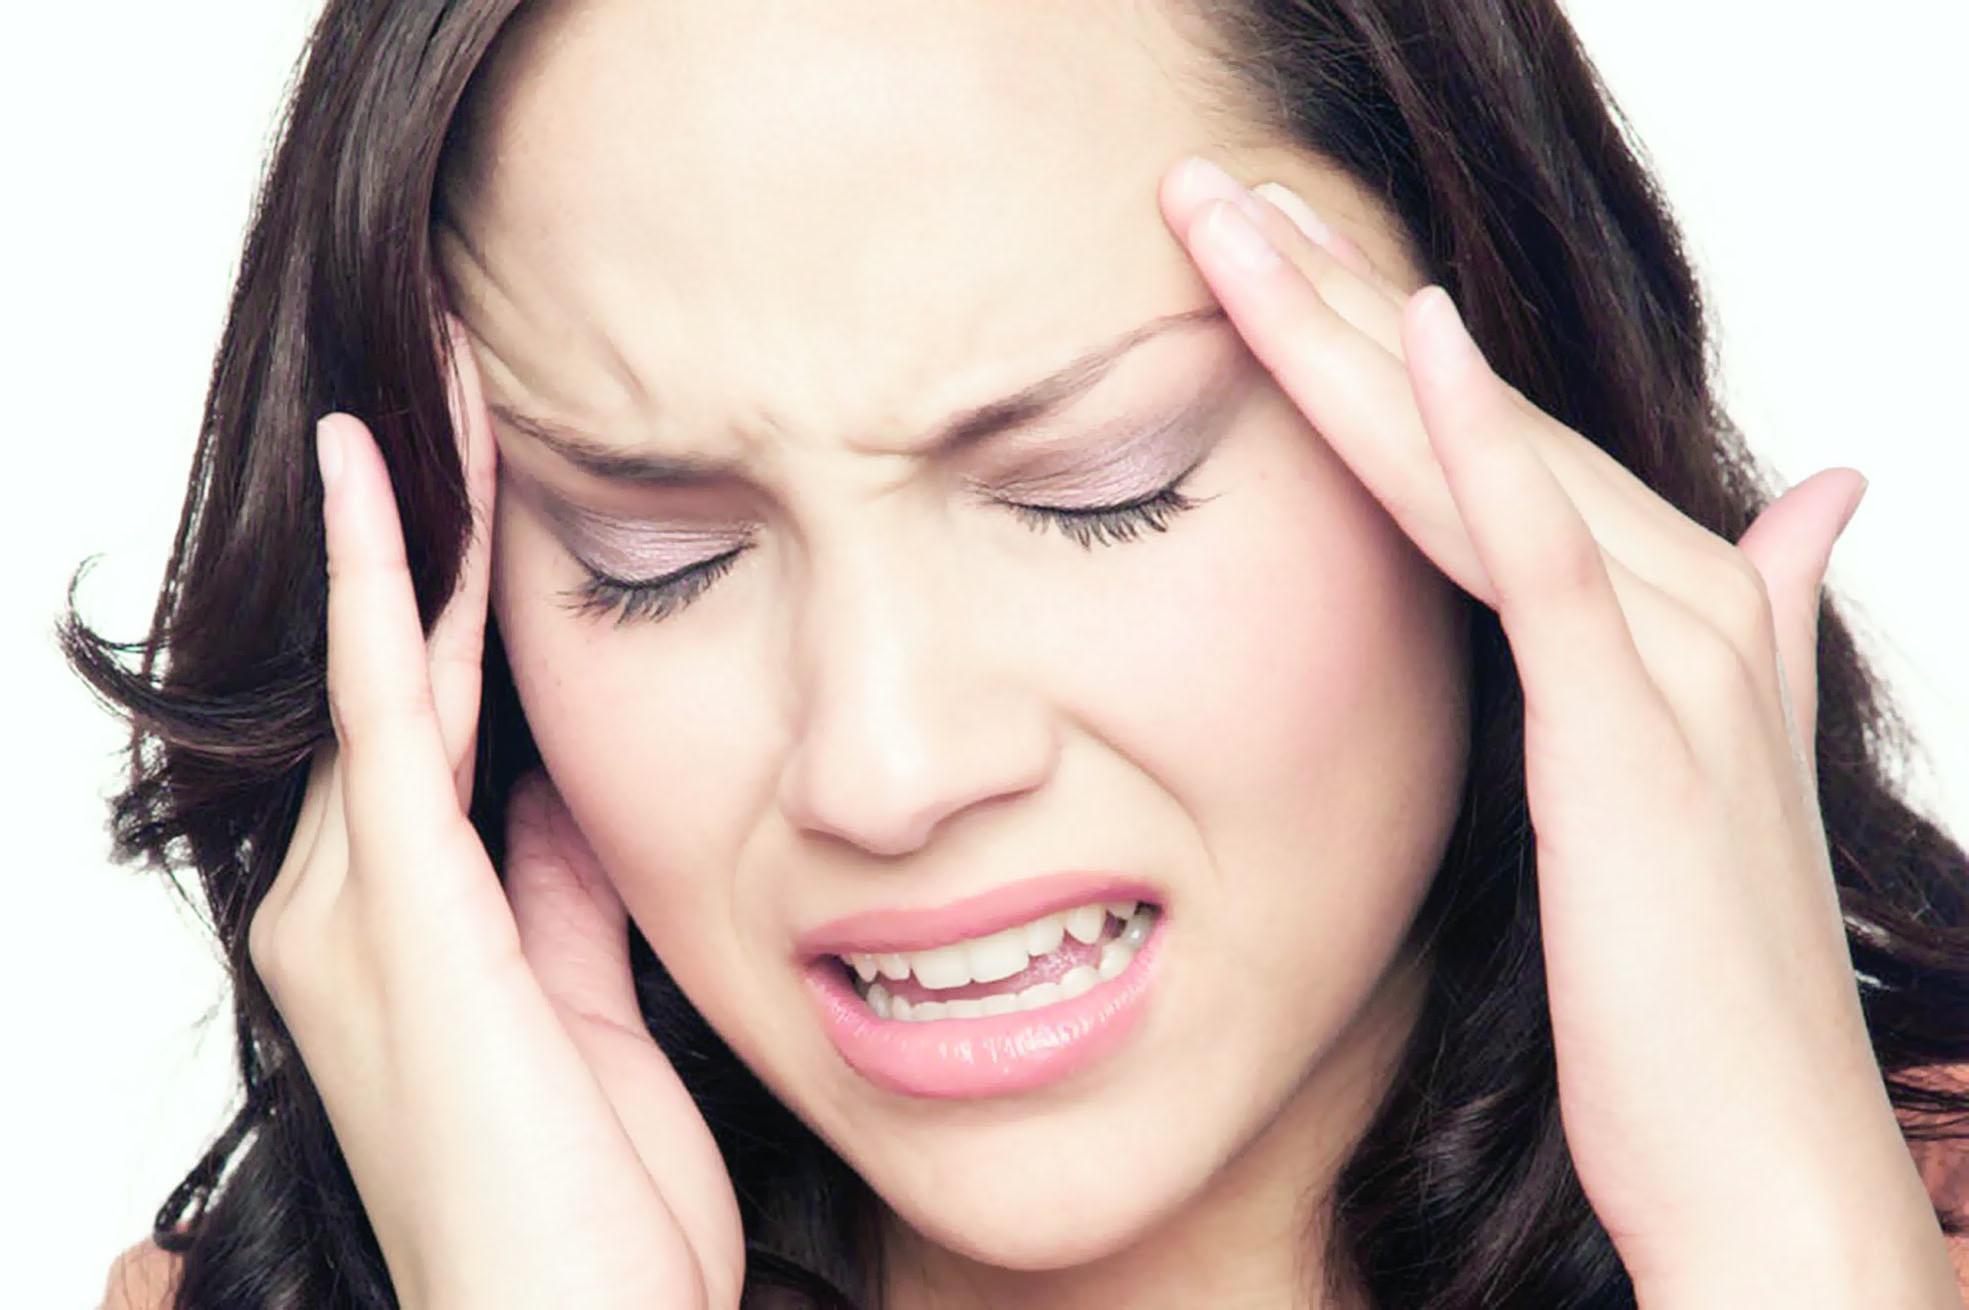 5 وسائل للتعامل مع آلام الصداع النصفي في الصباح